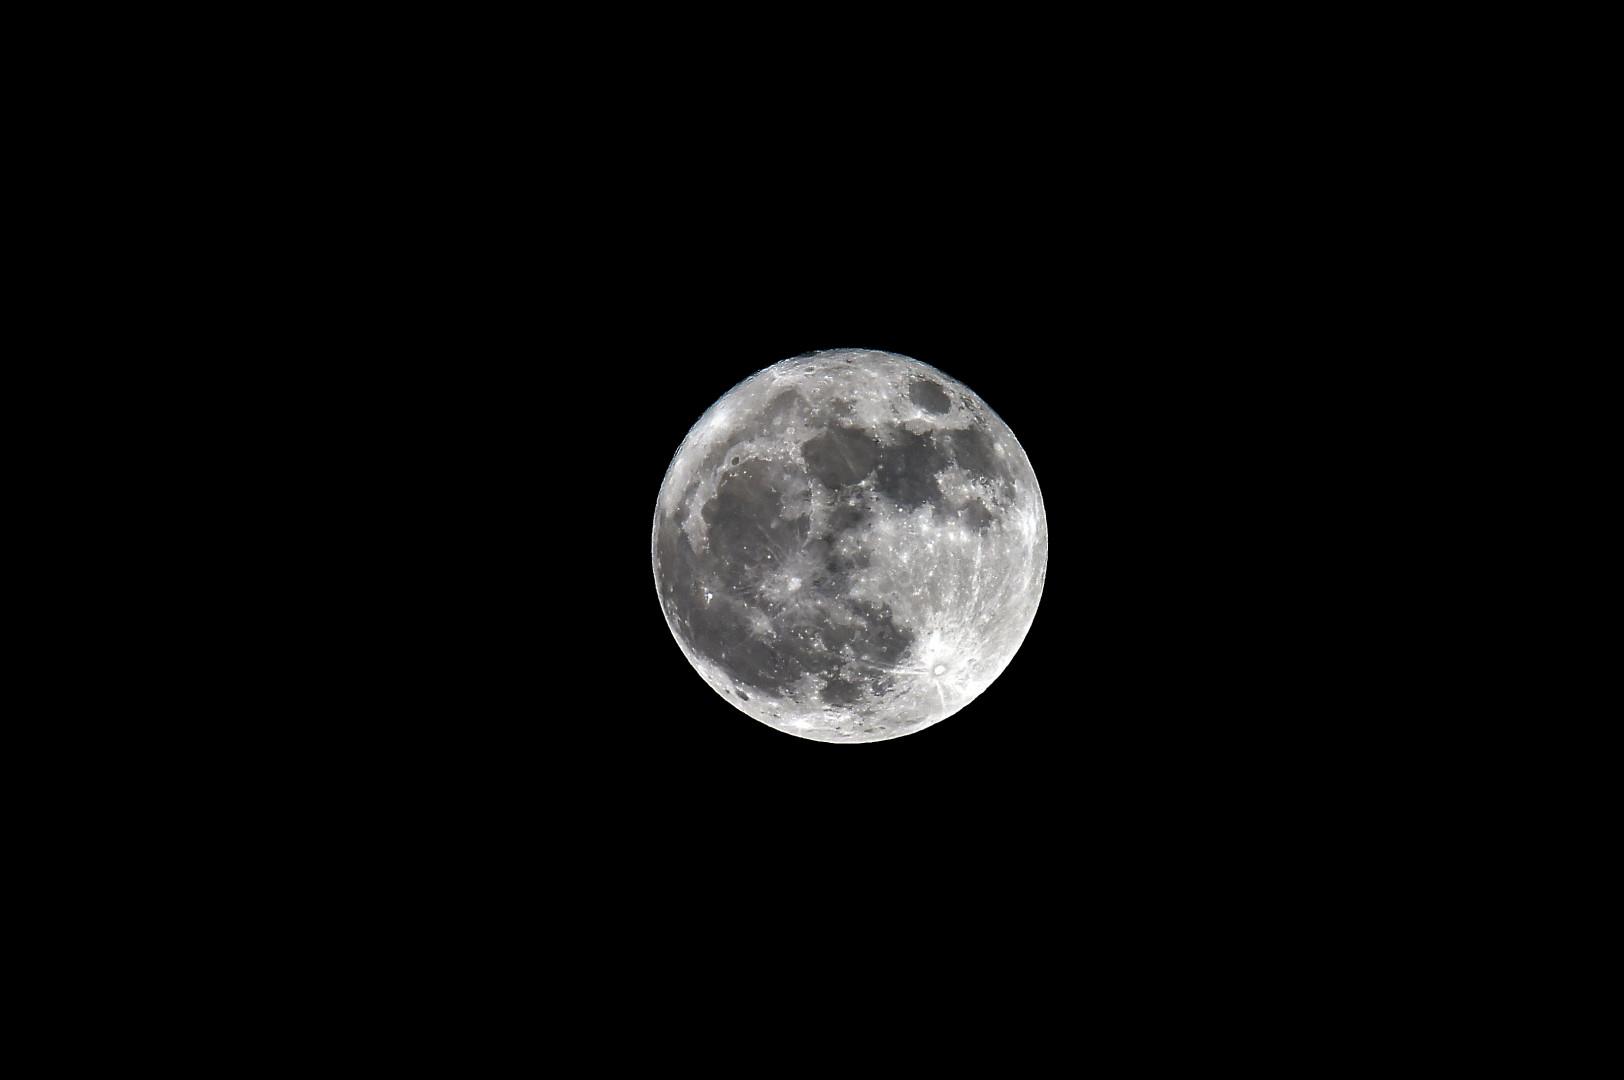 Le Super Lune observée depuis Trébons-sur-la-Grasse (Haute-Garonne), le 3 décembre 2017